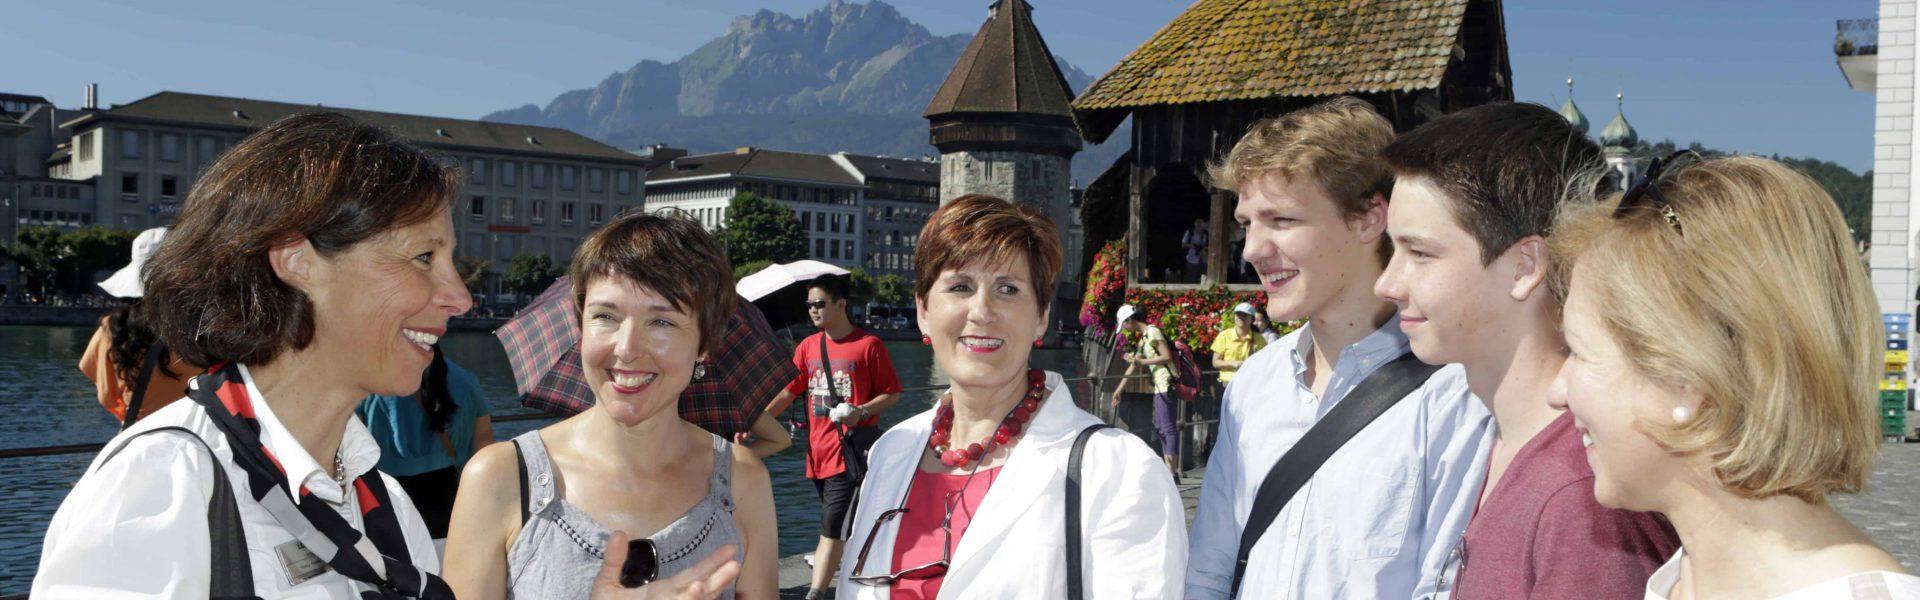 Luzern_Kapellbruecke_Pilatus_LT_Stadtfuehrung13_2551-1920x600